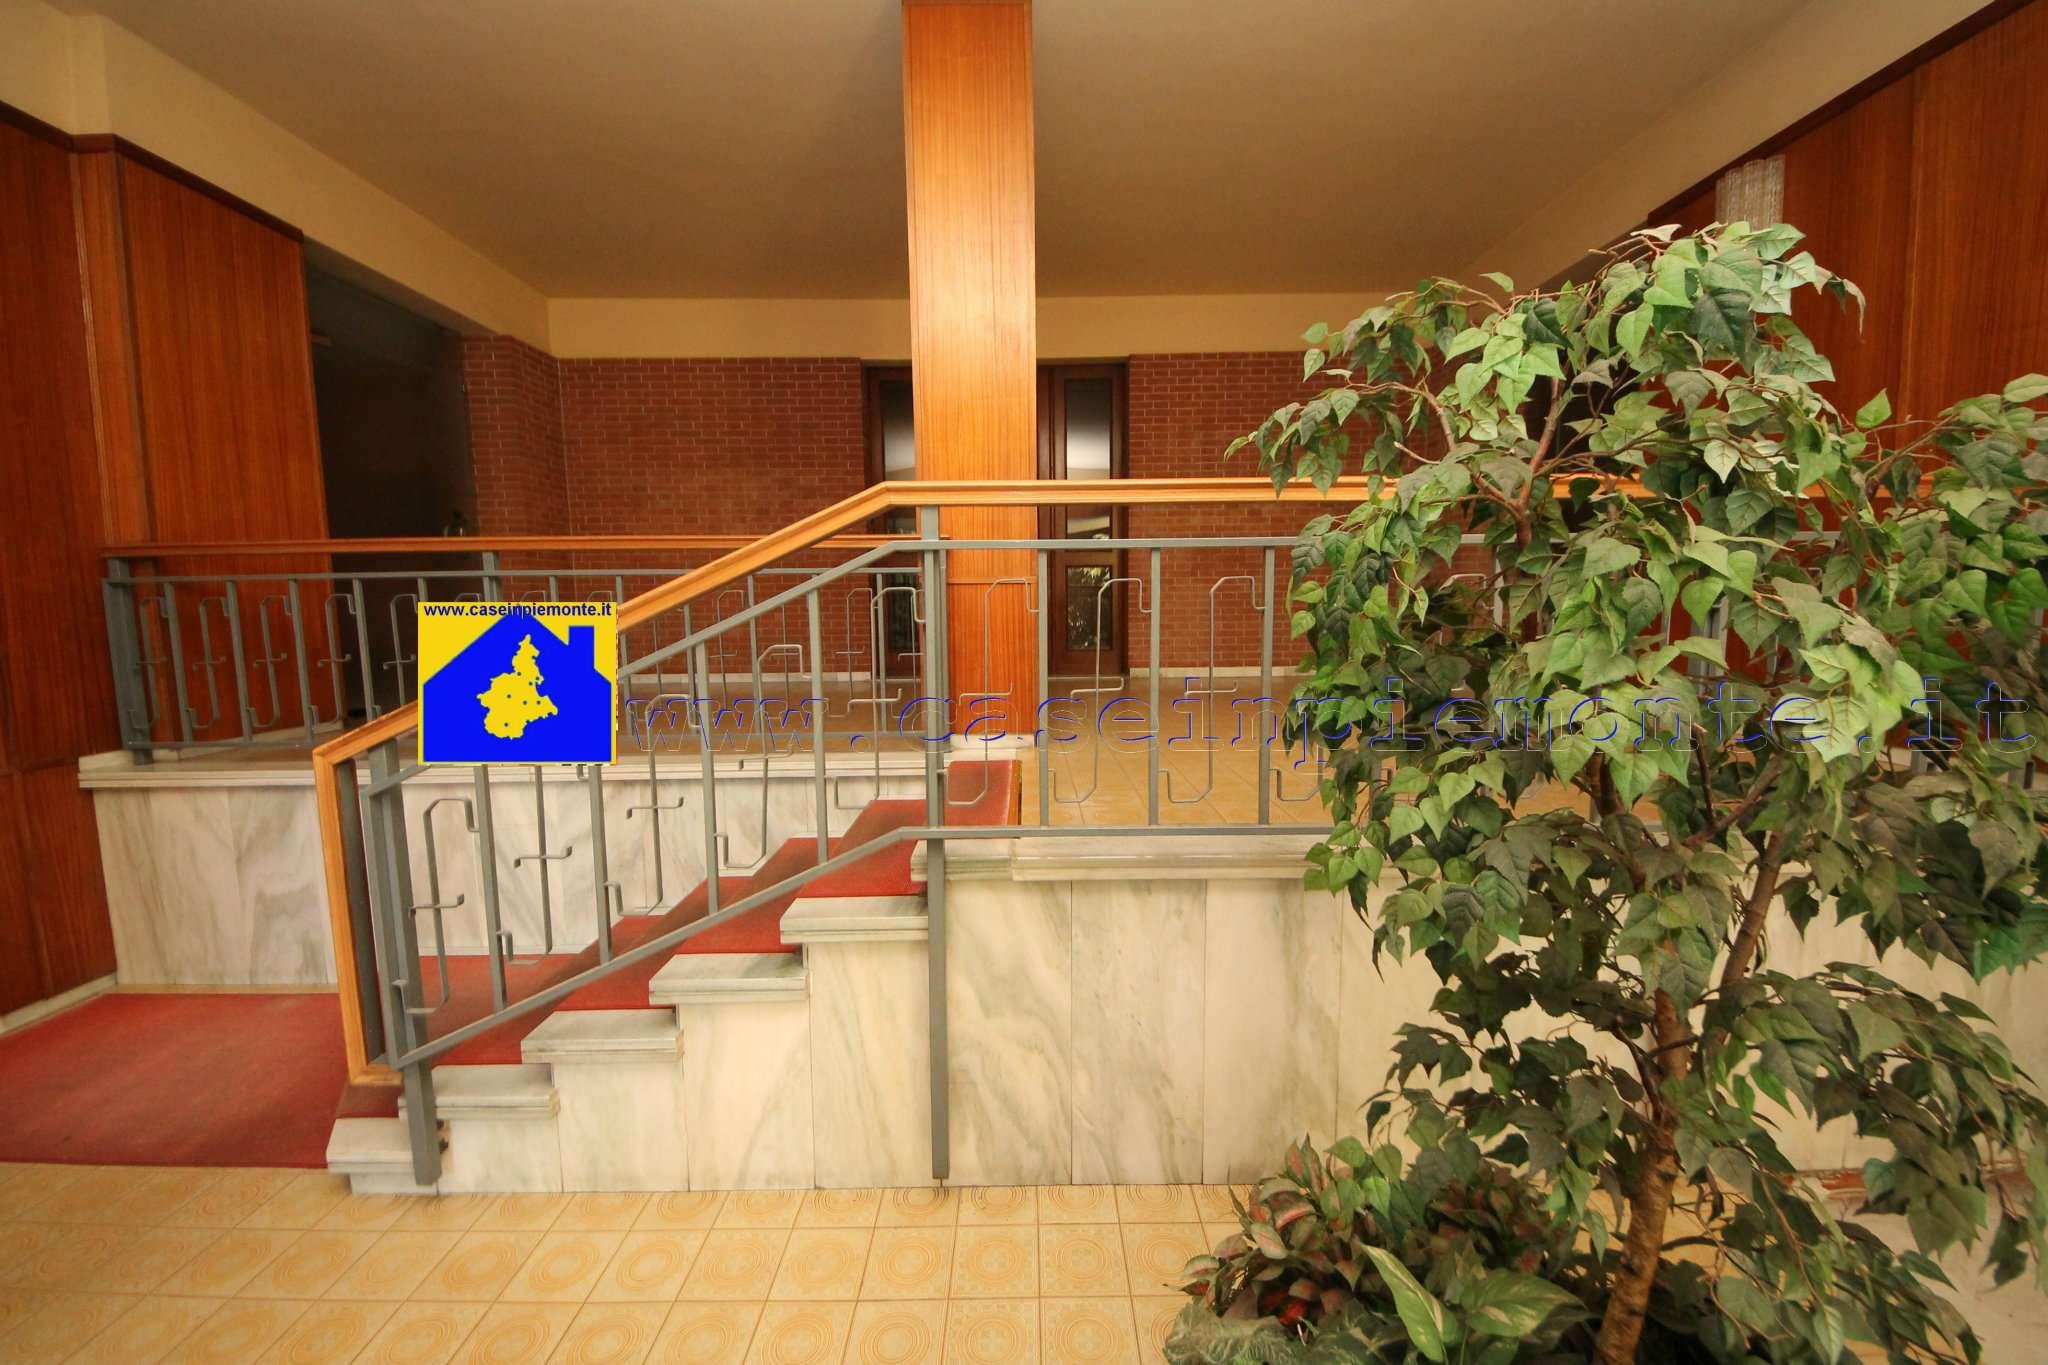 Appartamento in vendita a Rivoli, 5 locali, prezzo € 219.000 | PortaleAgenzieImmobiliari.it